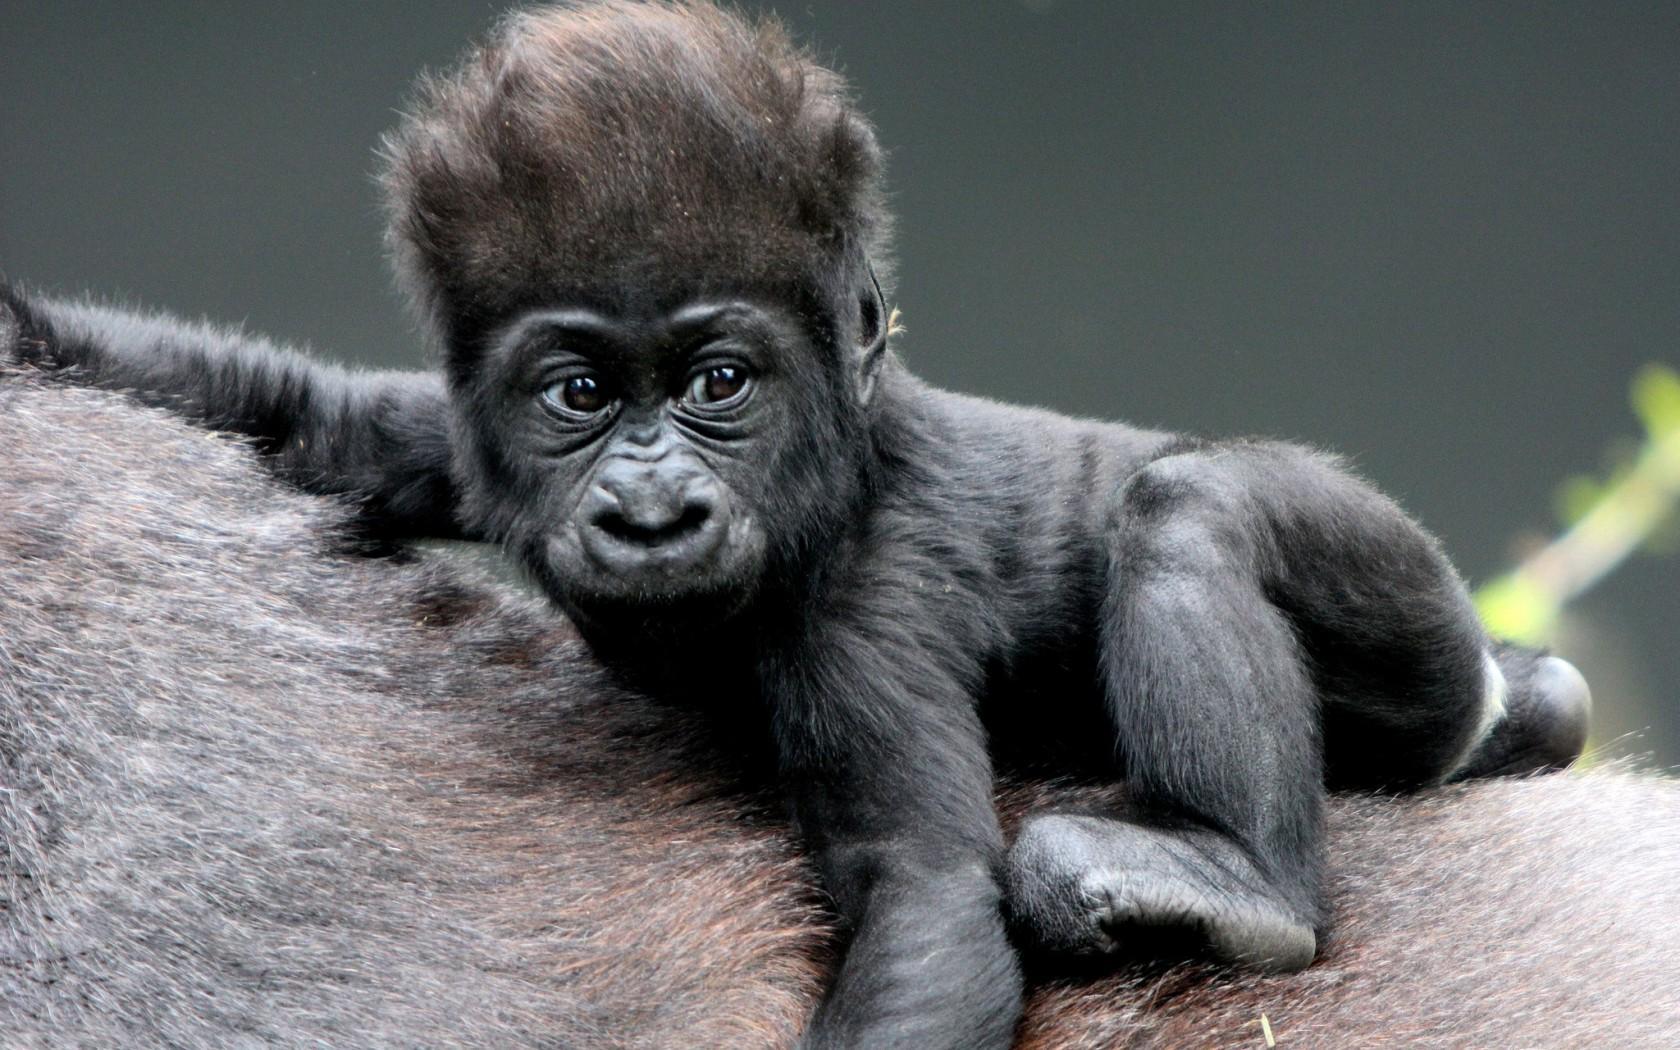 young gorillas in congo